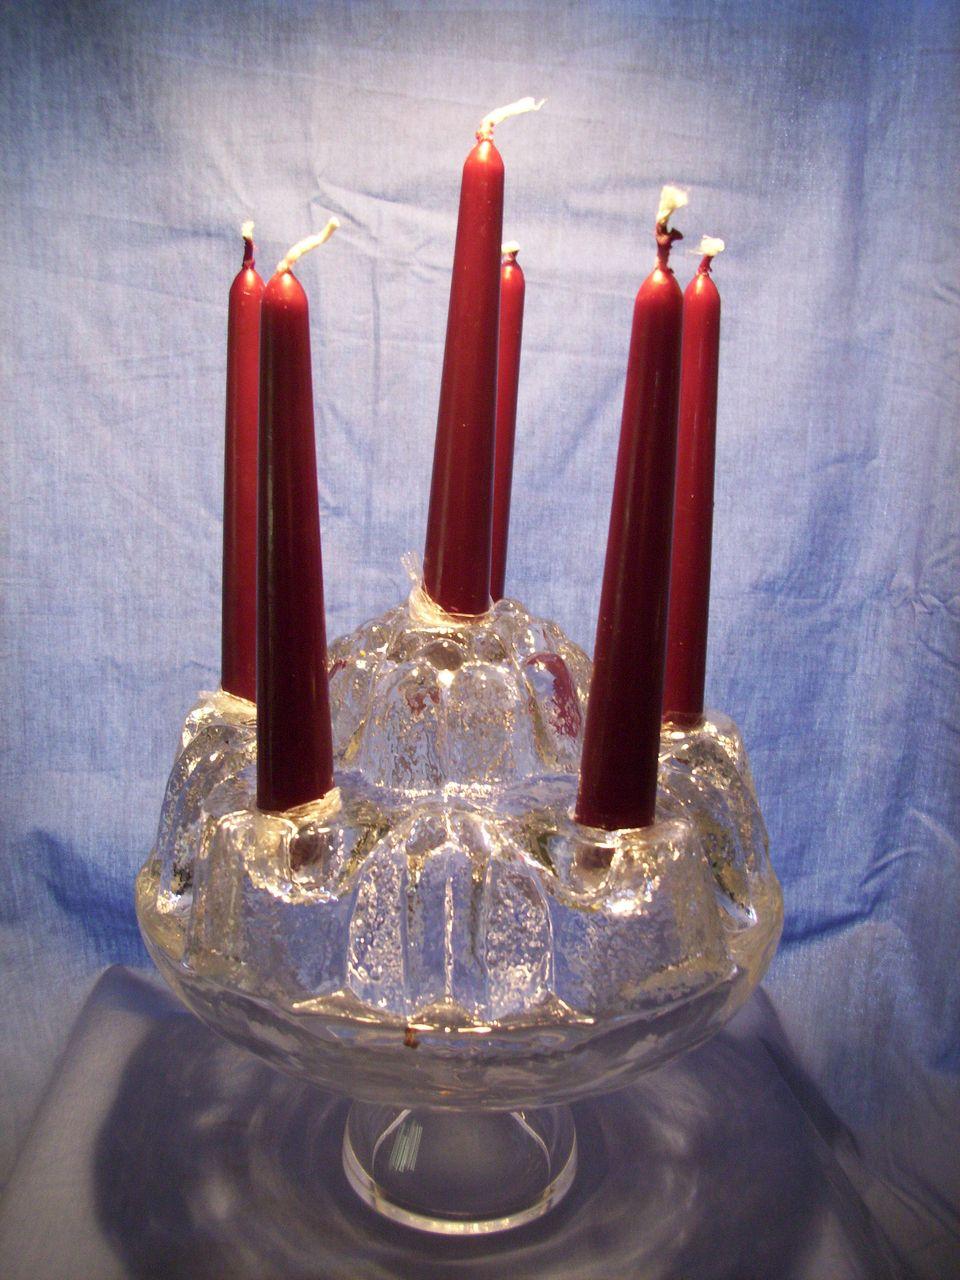 Signed Hellsten Glass Birthday Cake Candleholder/Vase